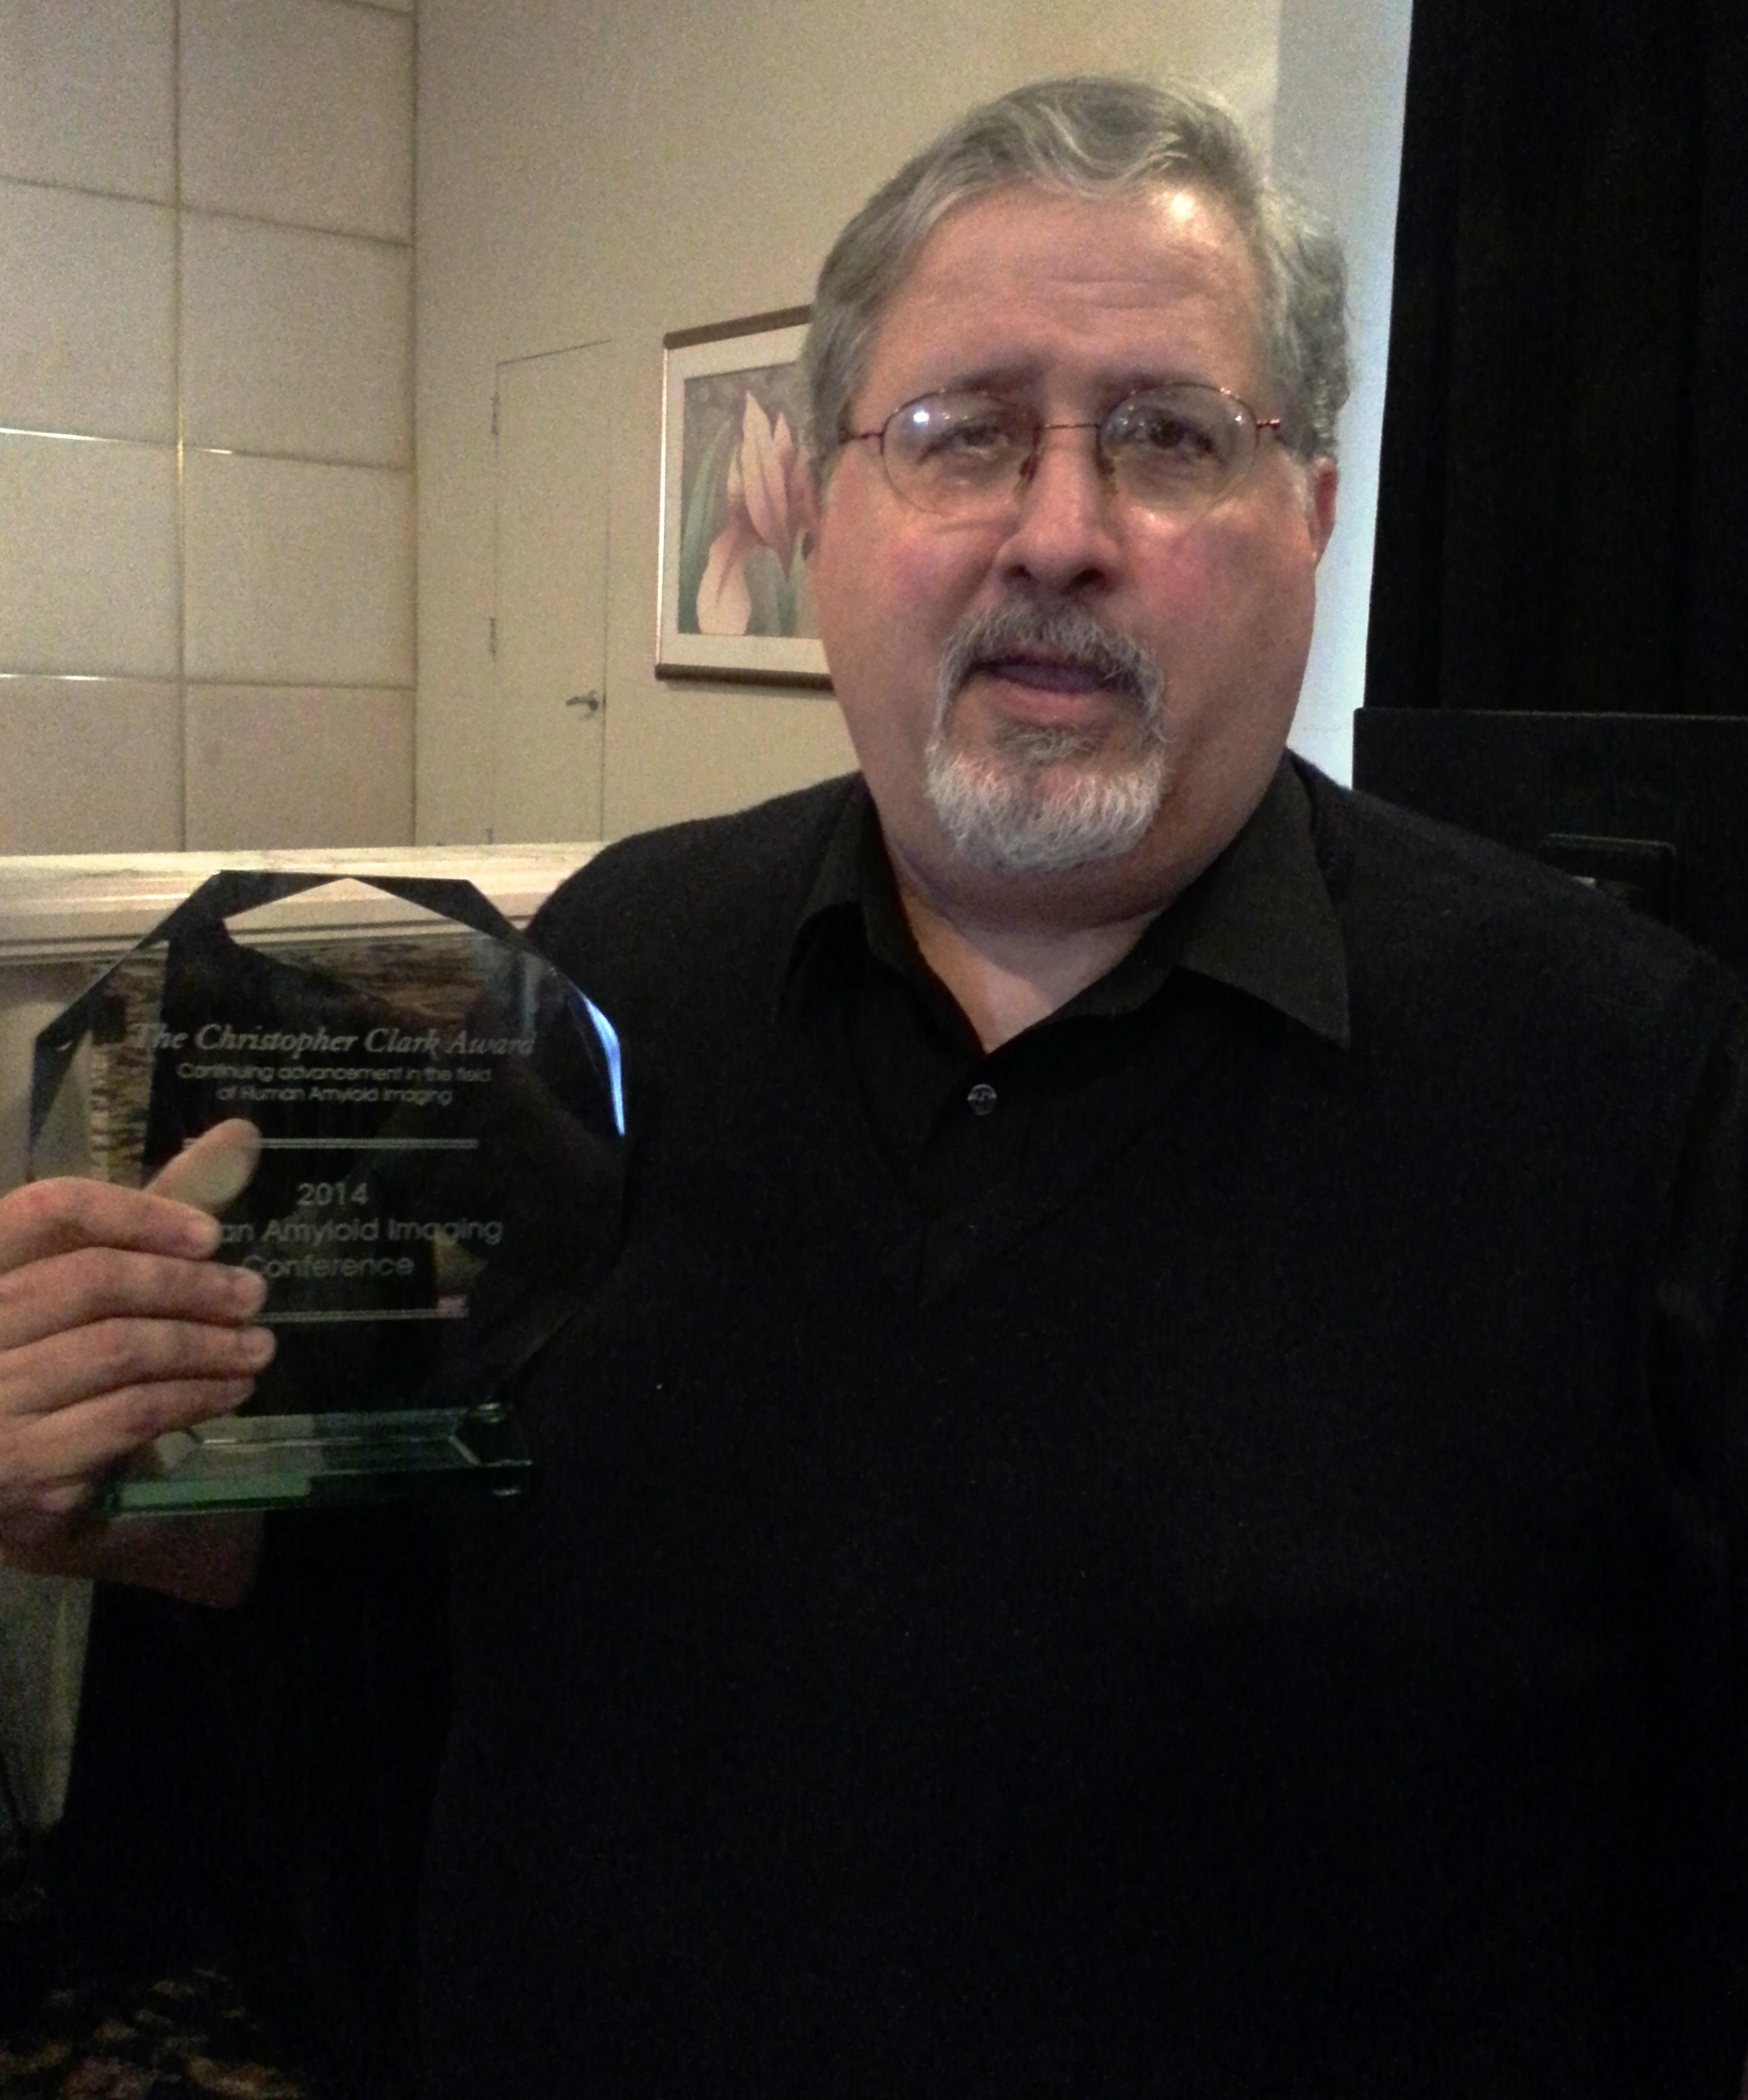 Dr. Victor Villemagne - HAI Clark Award 2014